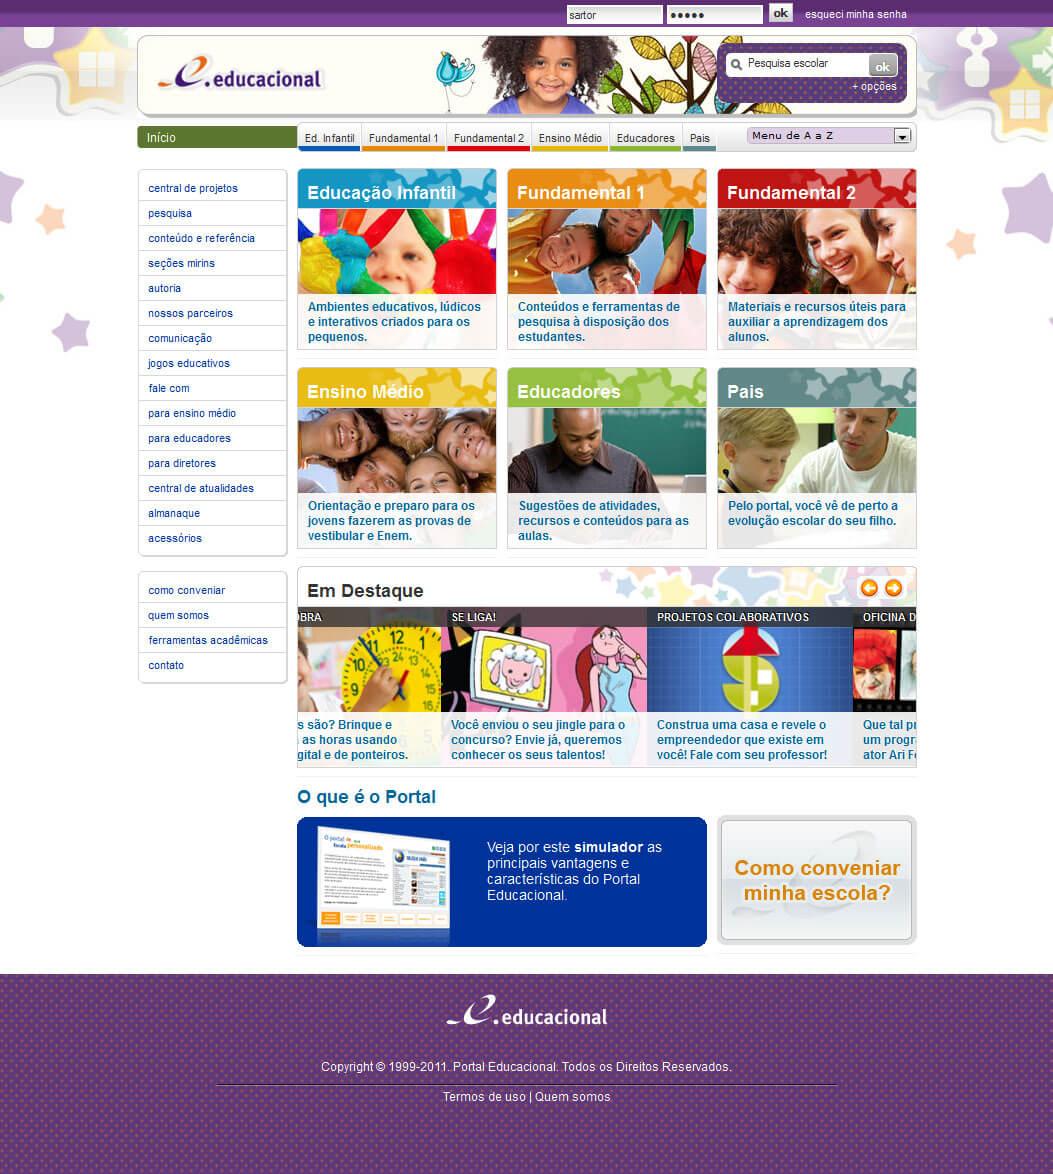 Educacional.com.br